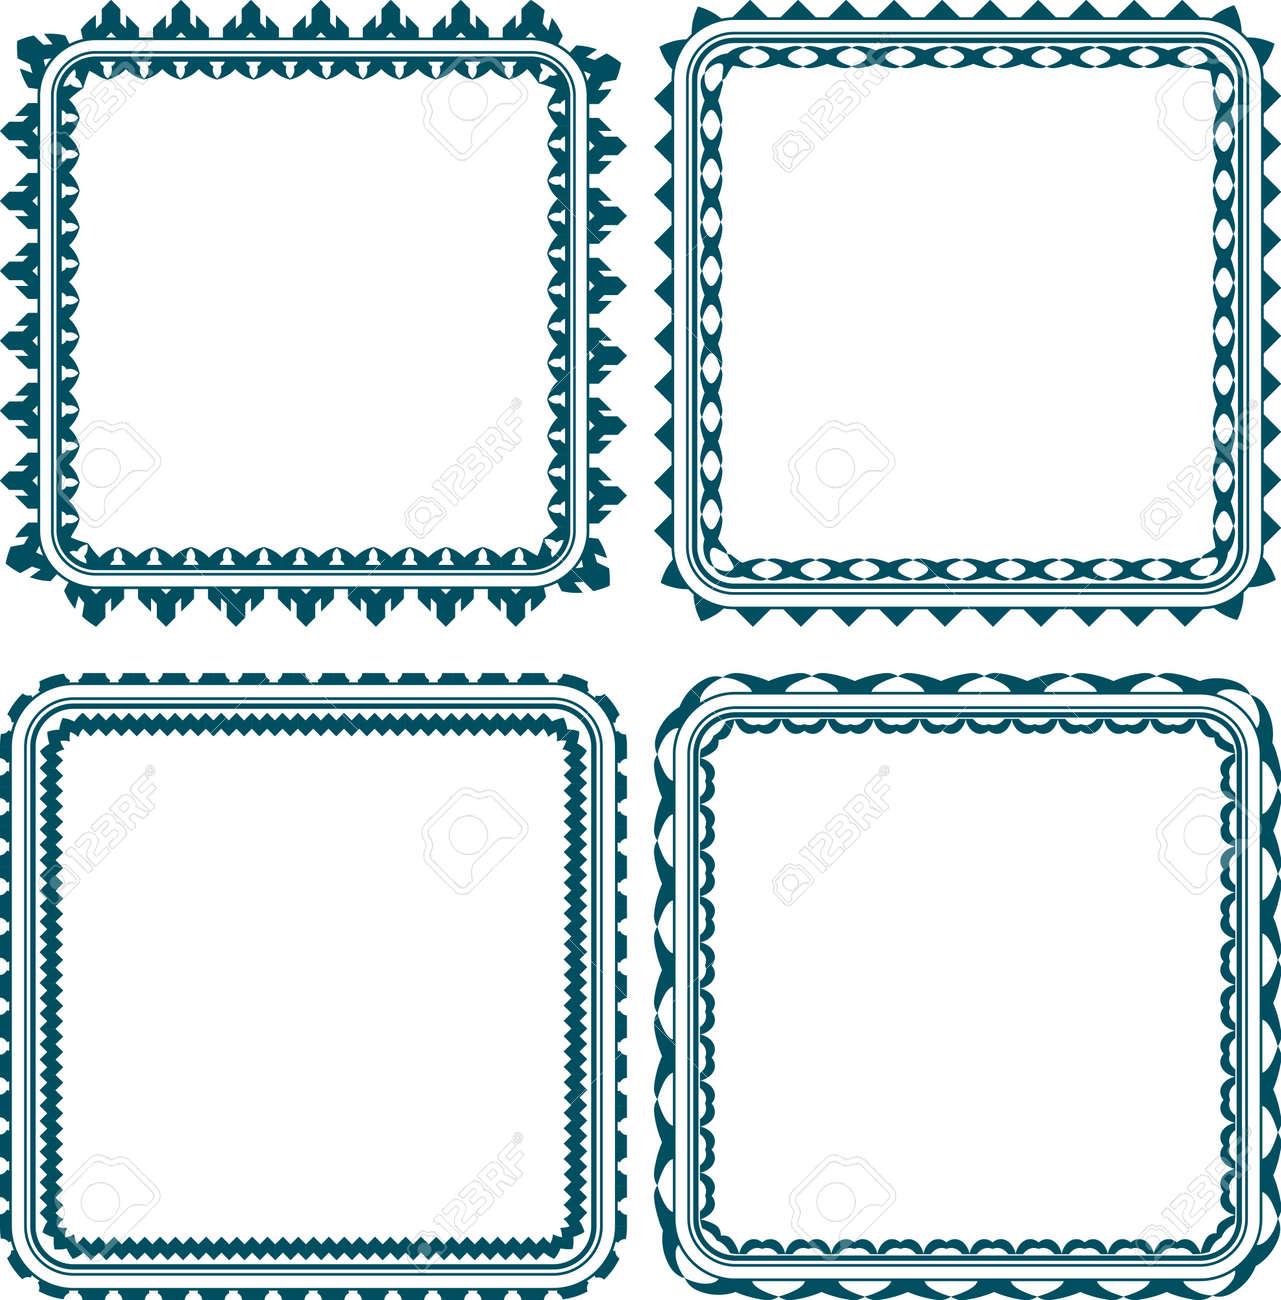 Как сделать фото с закругленными углами